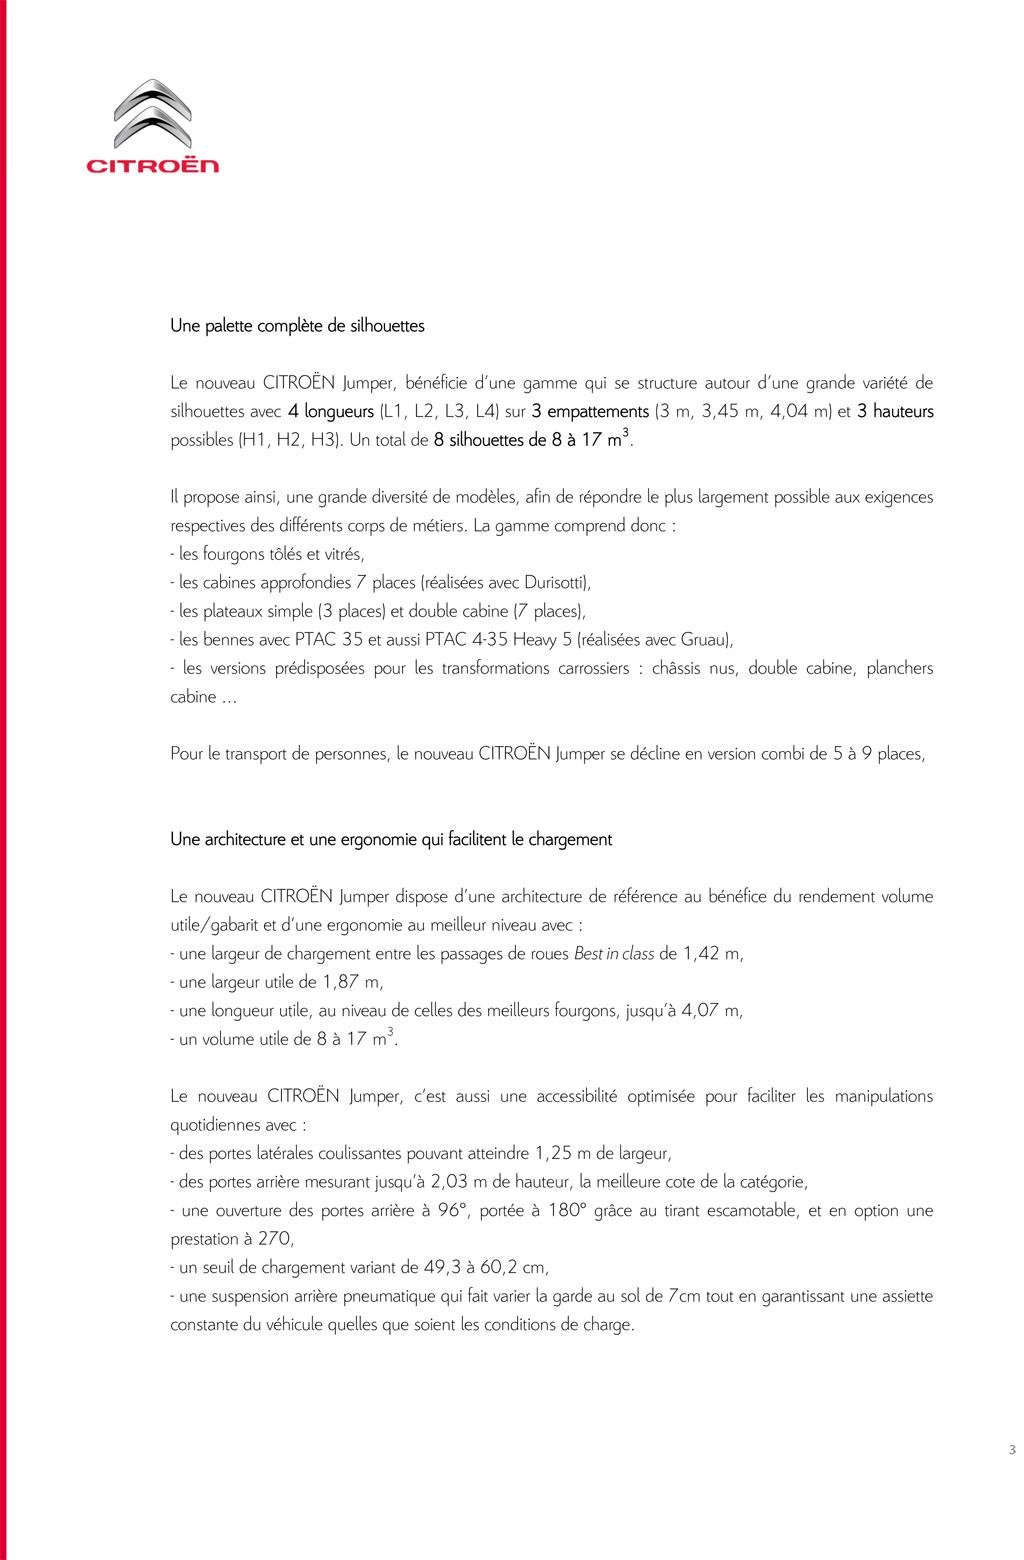 [SUJET OFFICIEL] Citroën Jumper II Restylé Dp_cit12